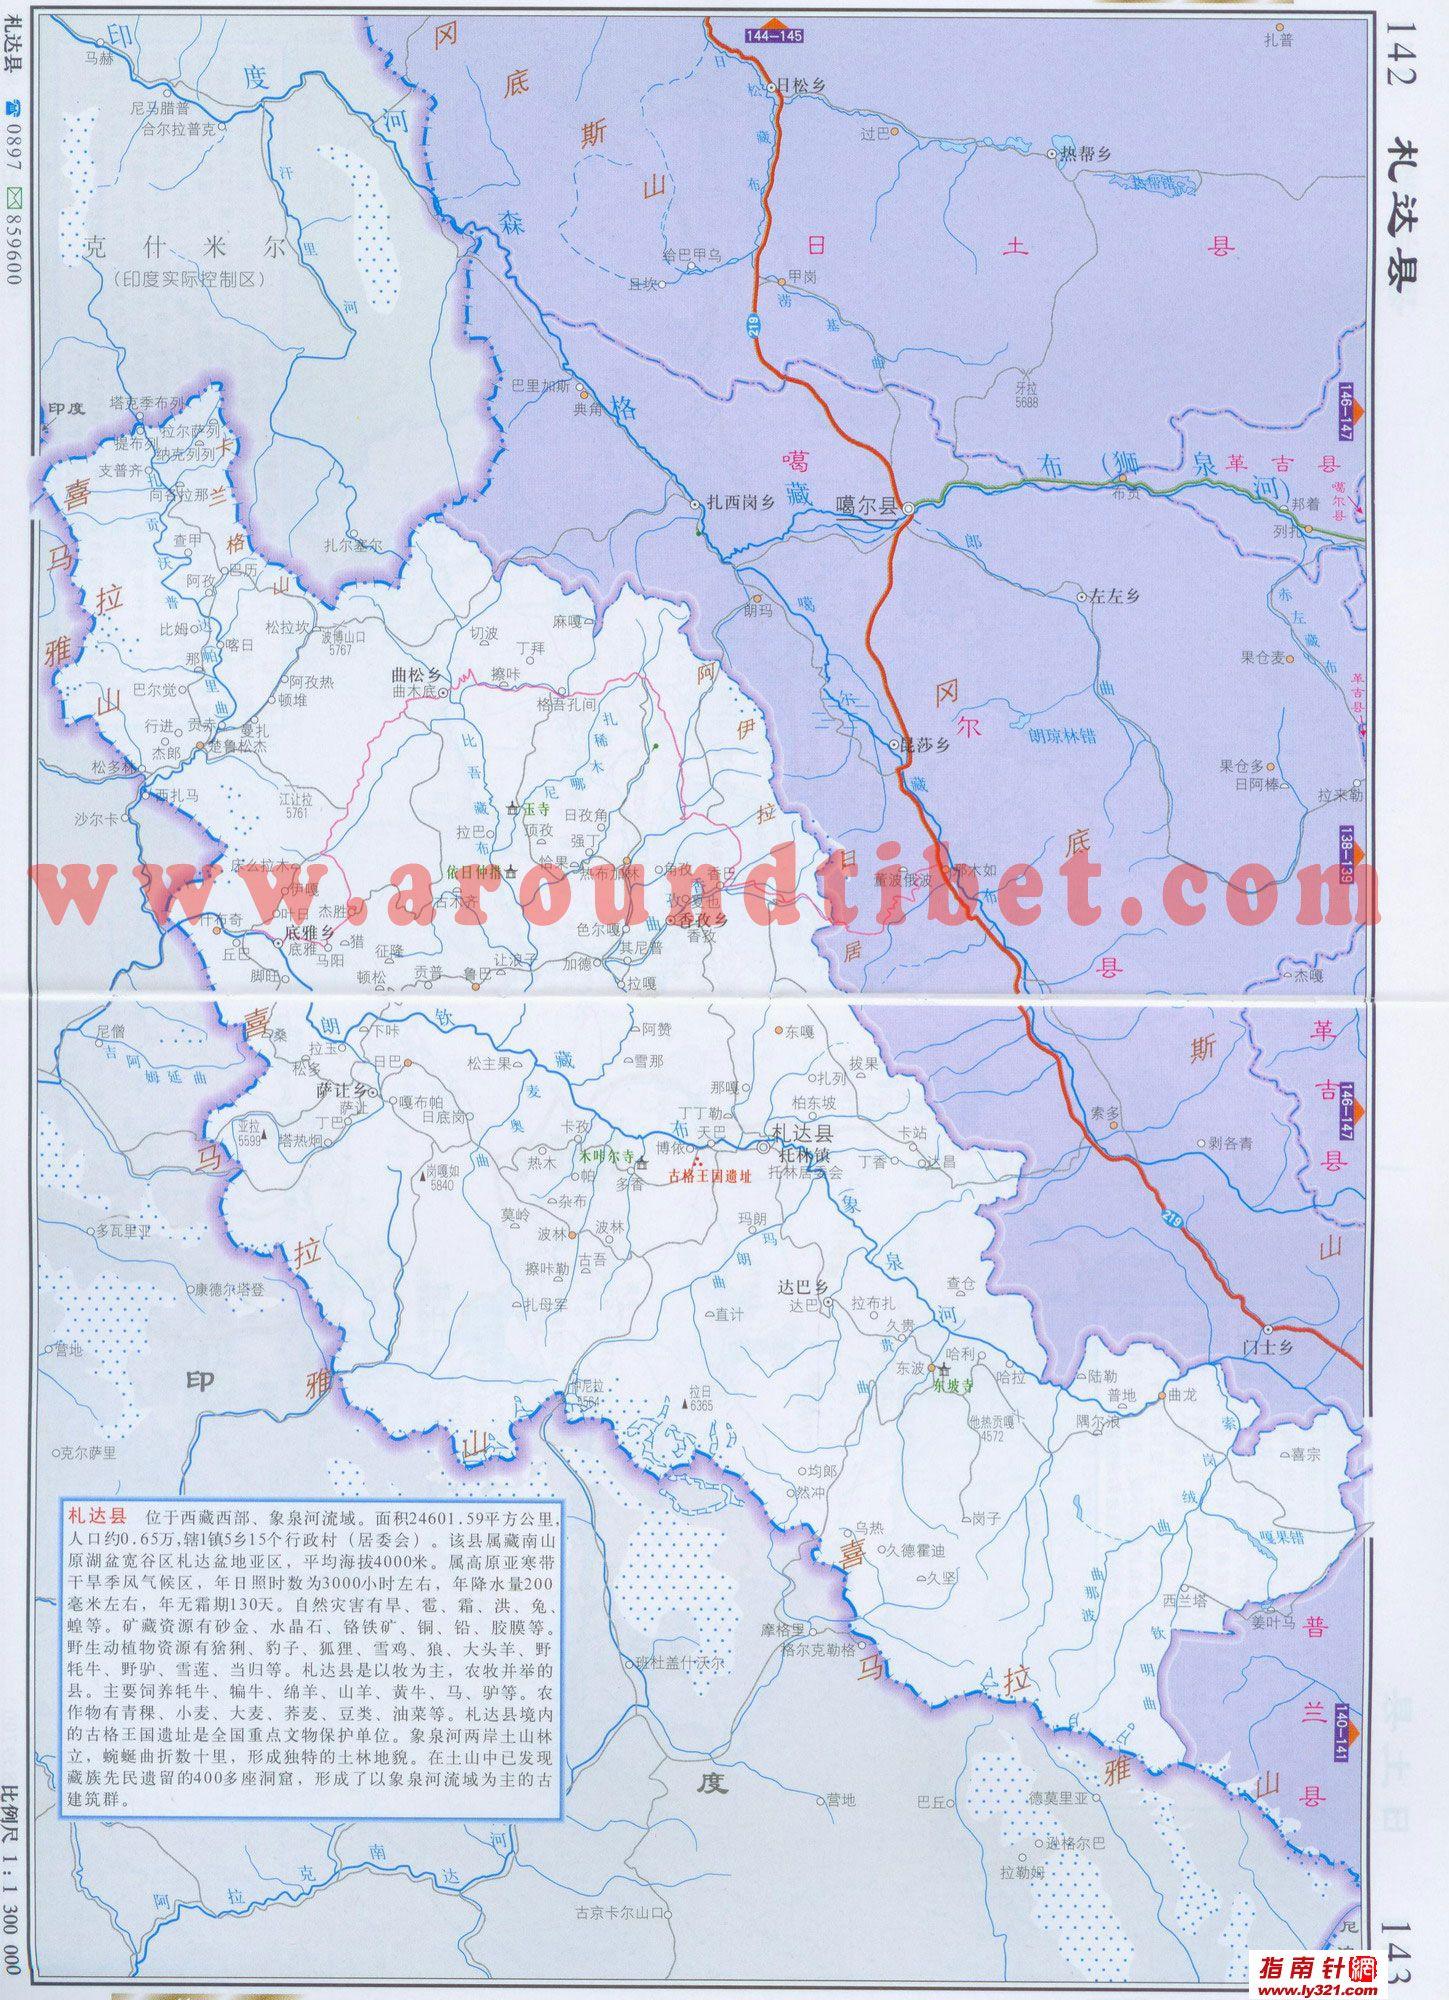 札达县地图,绿色第一站